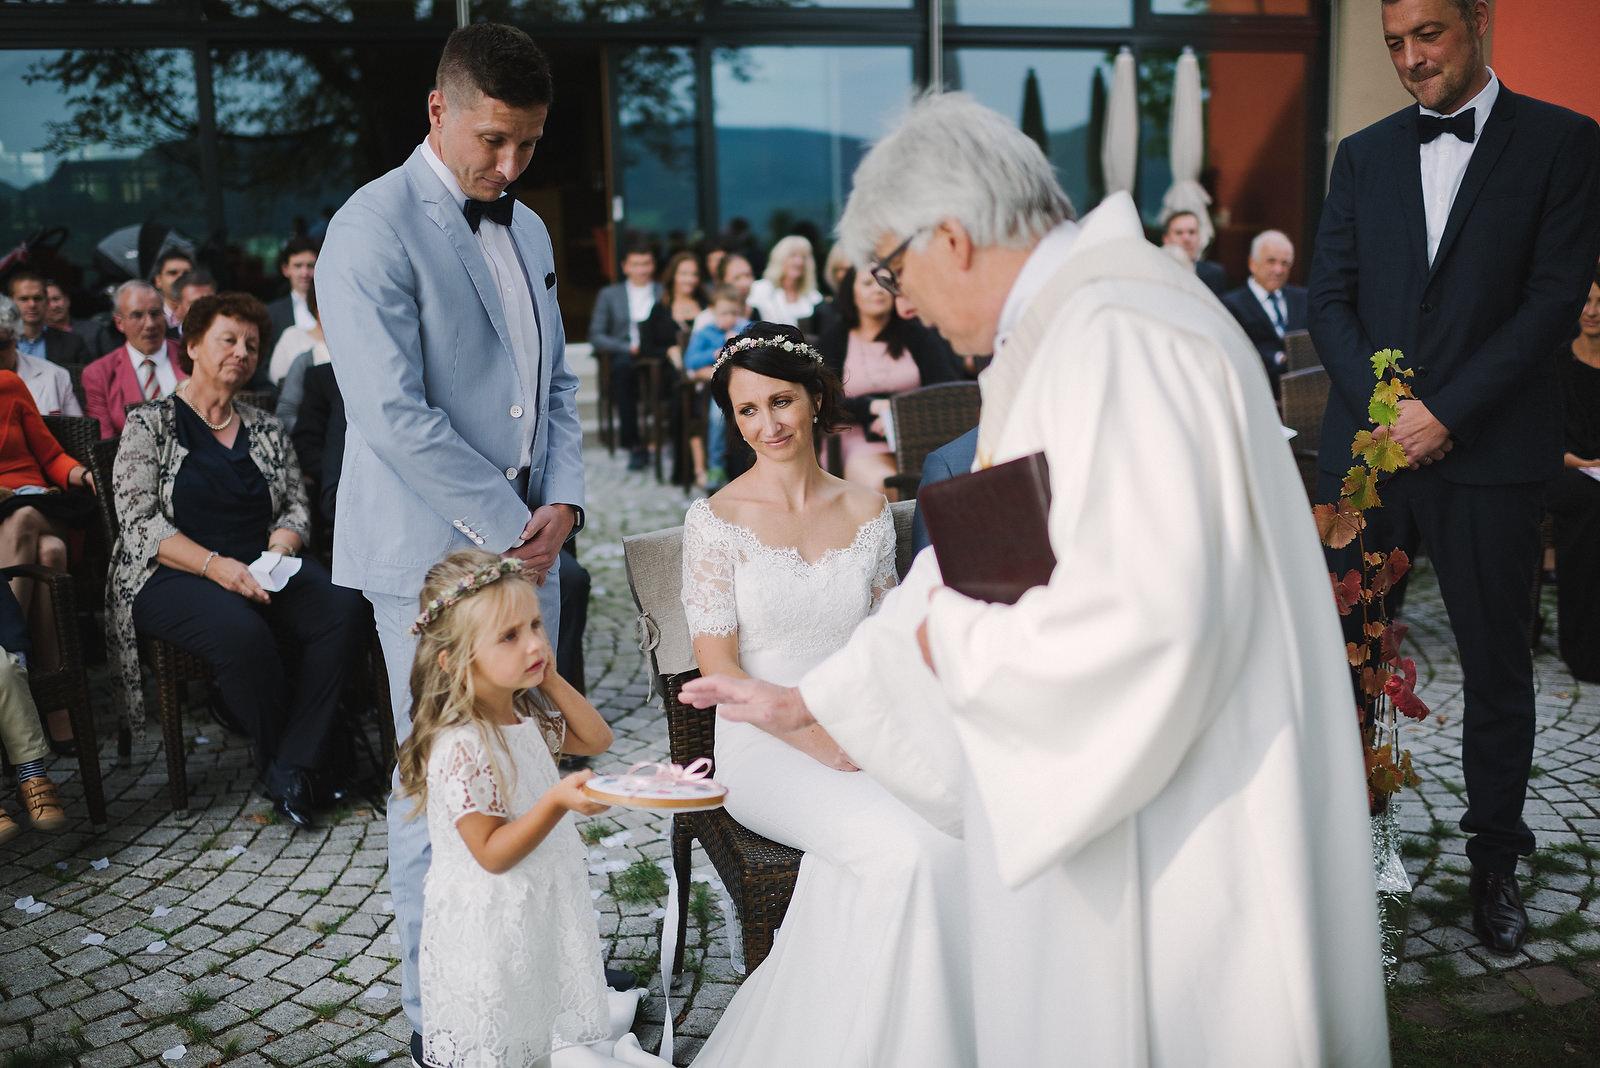 Fotograf Konstanz - Hochzeitsfotograf Reutlingen Achalm Hochzeit EFP 48 - Documentary wedding story on the Achalm, Reutlingen  - 39 -